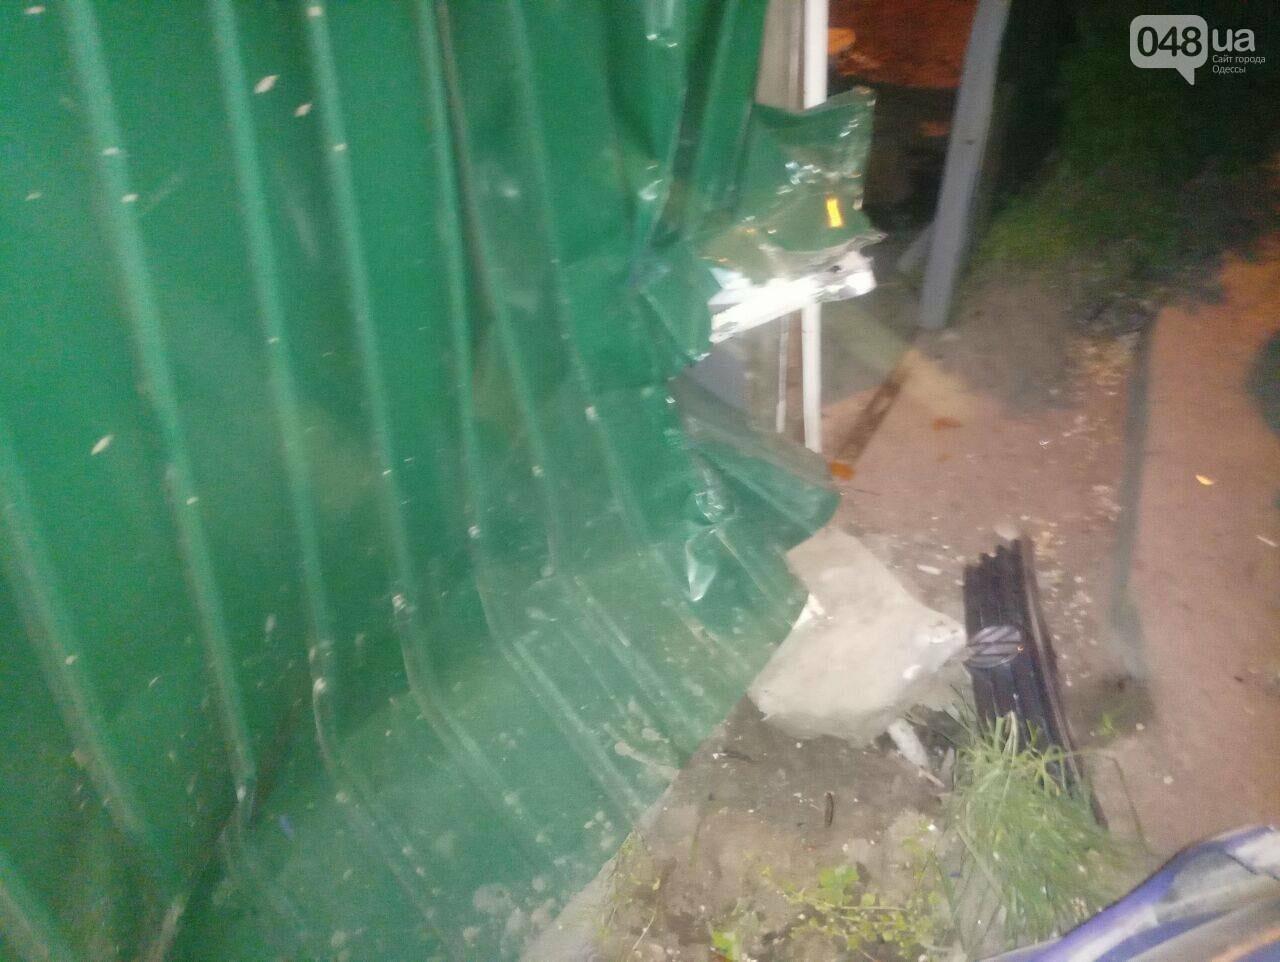 В Одесе угнанное с СТО авто попало в разрушительную аварию (ФОТО), фото-3